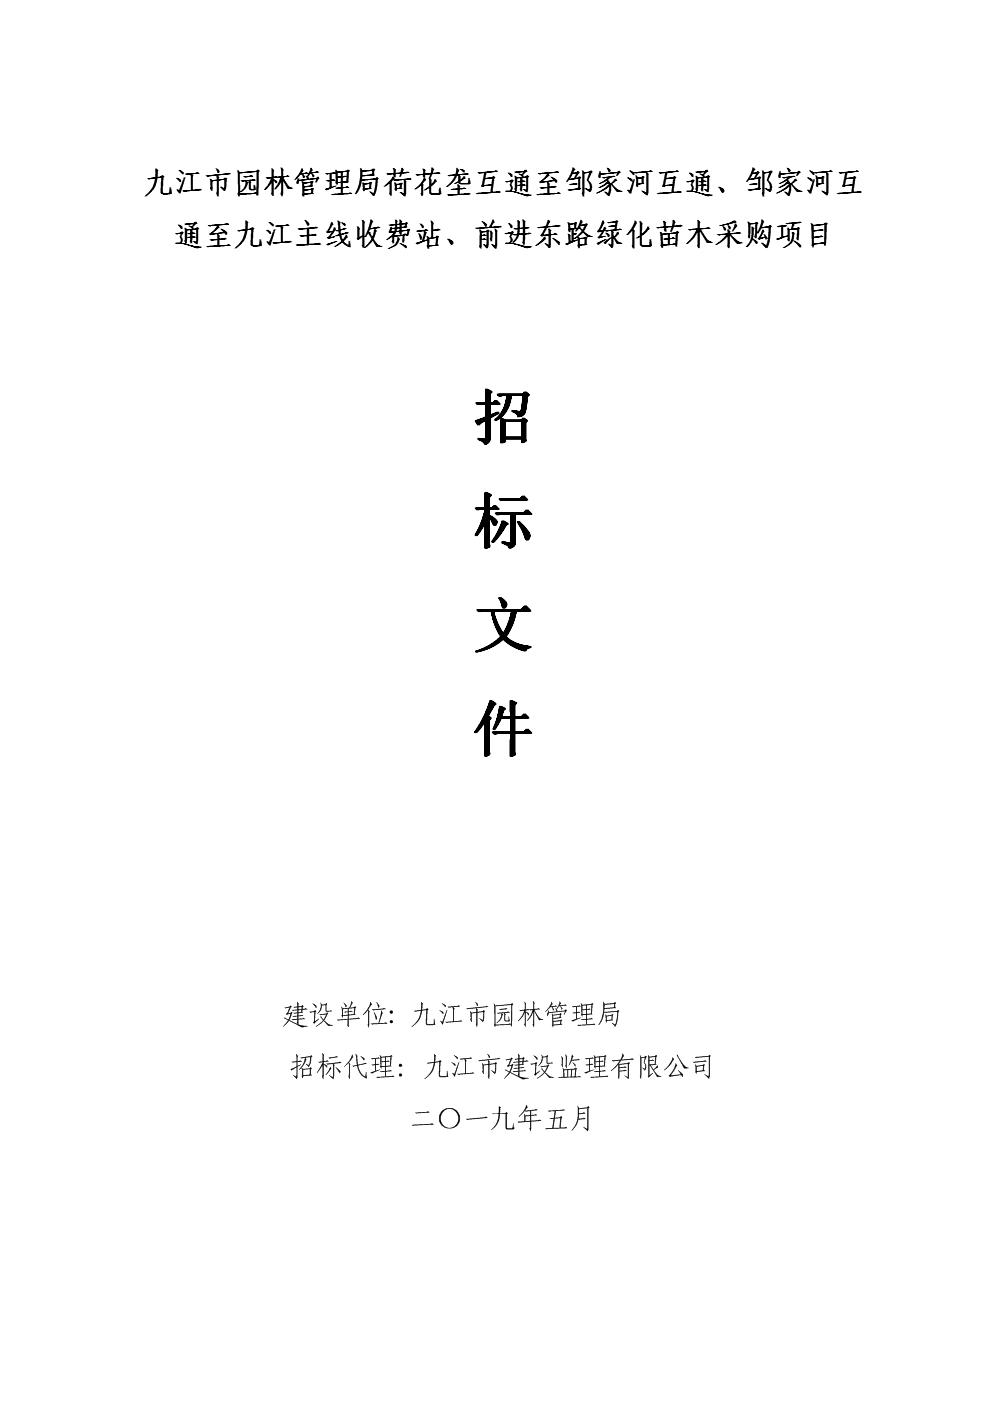 邹家河互通至九江主线收费站前进东路绿化苗木采购项目.DOC